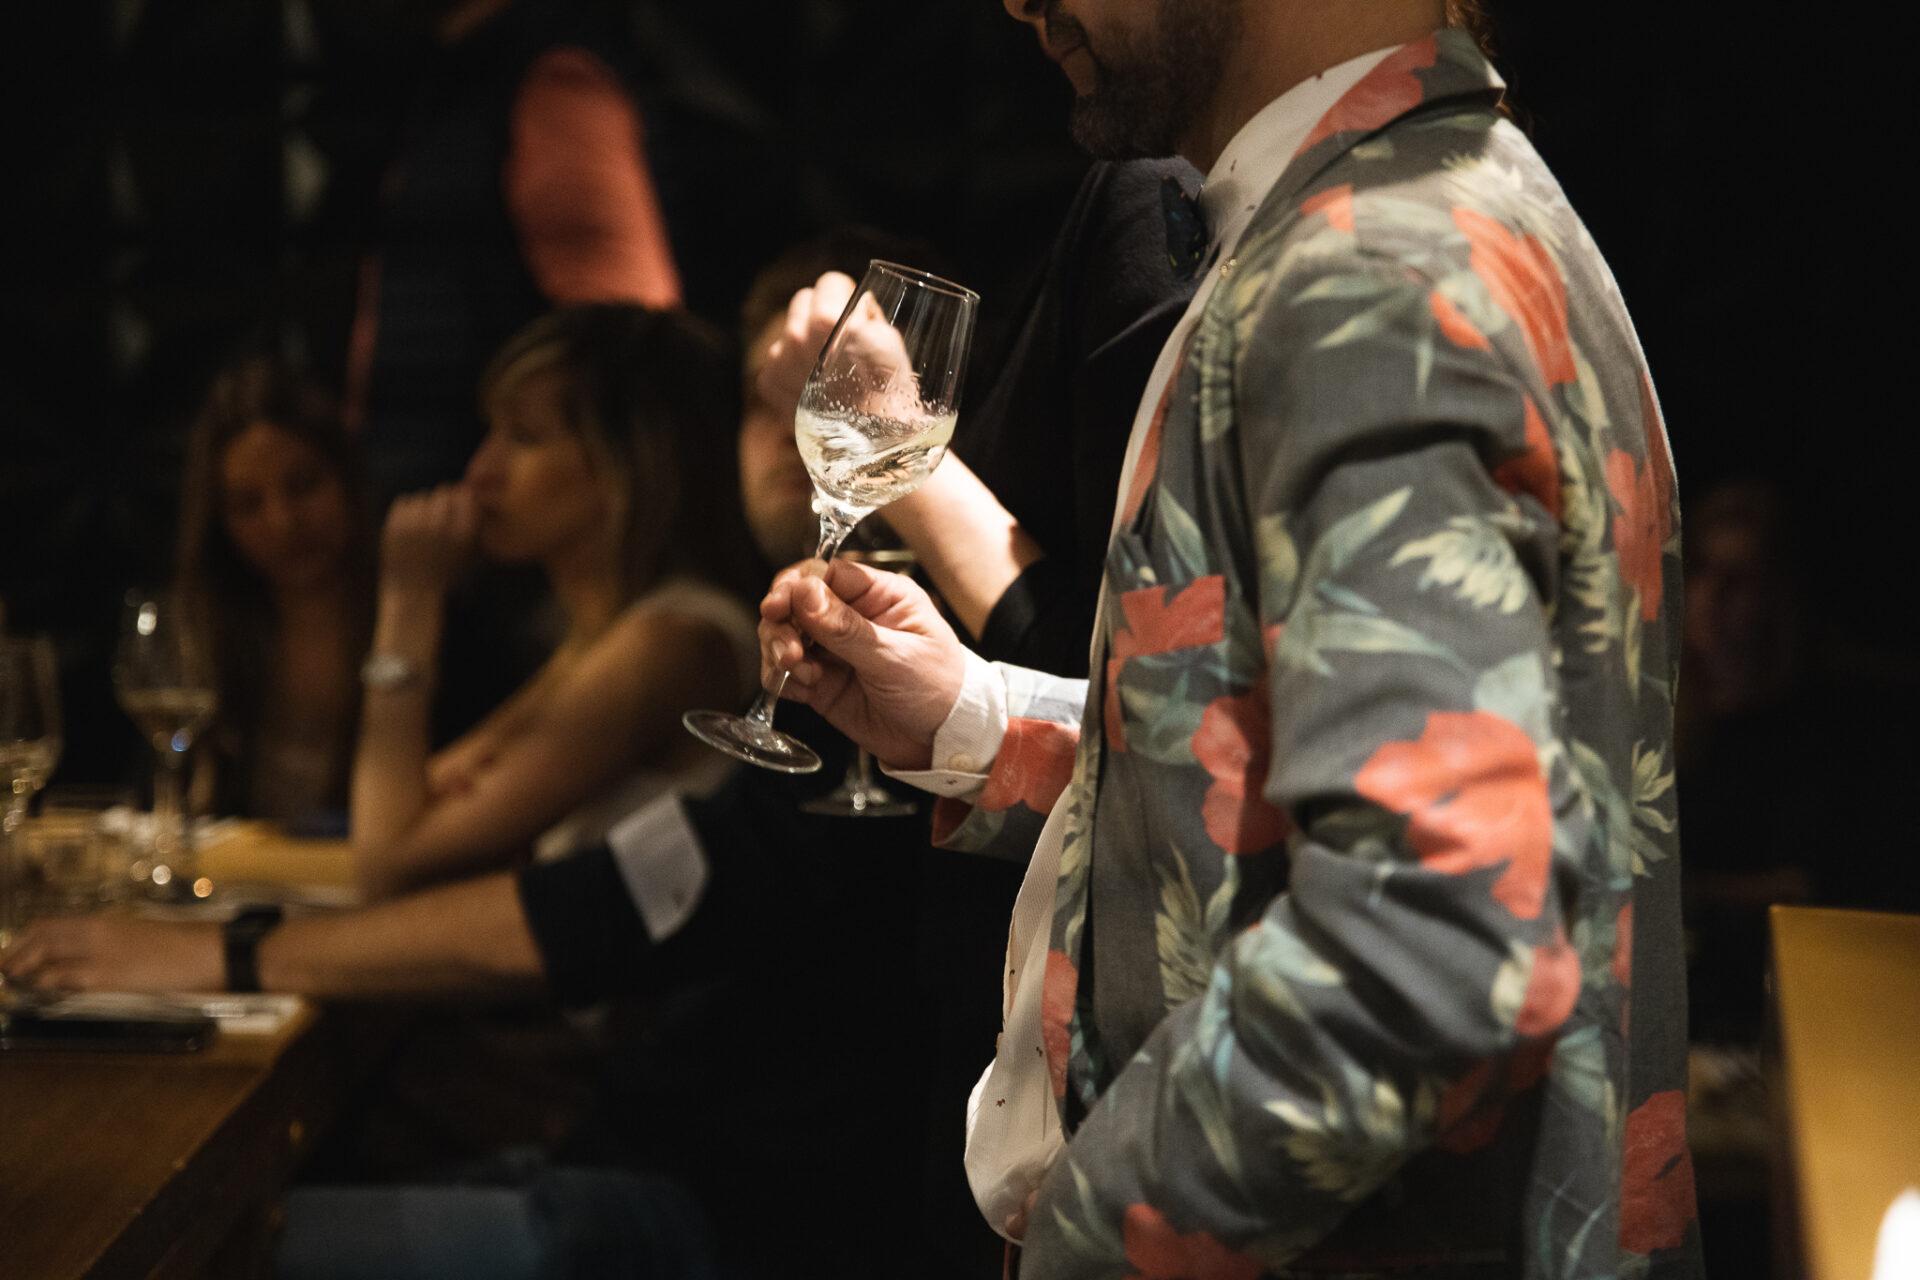 Persona con una copa en Vico Wine Bar.